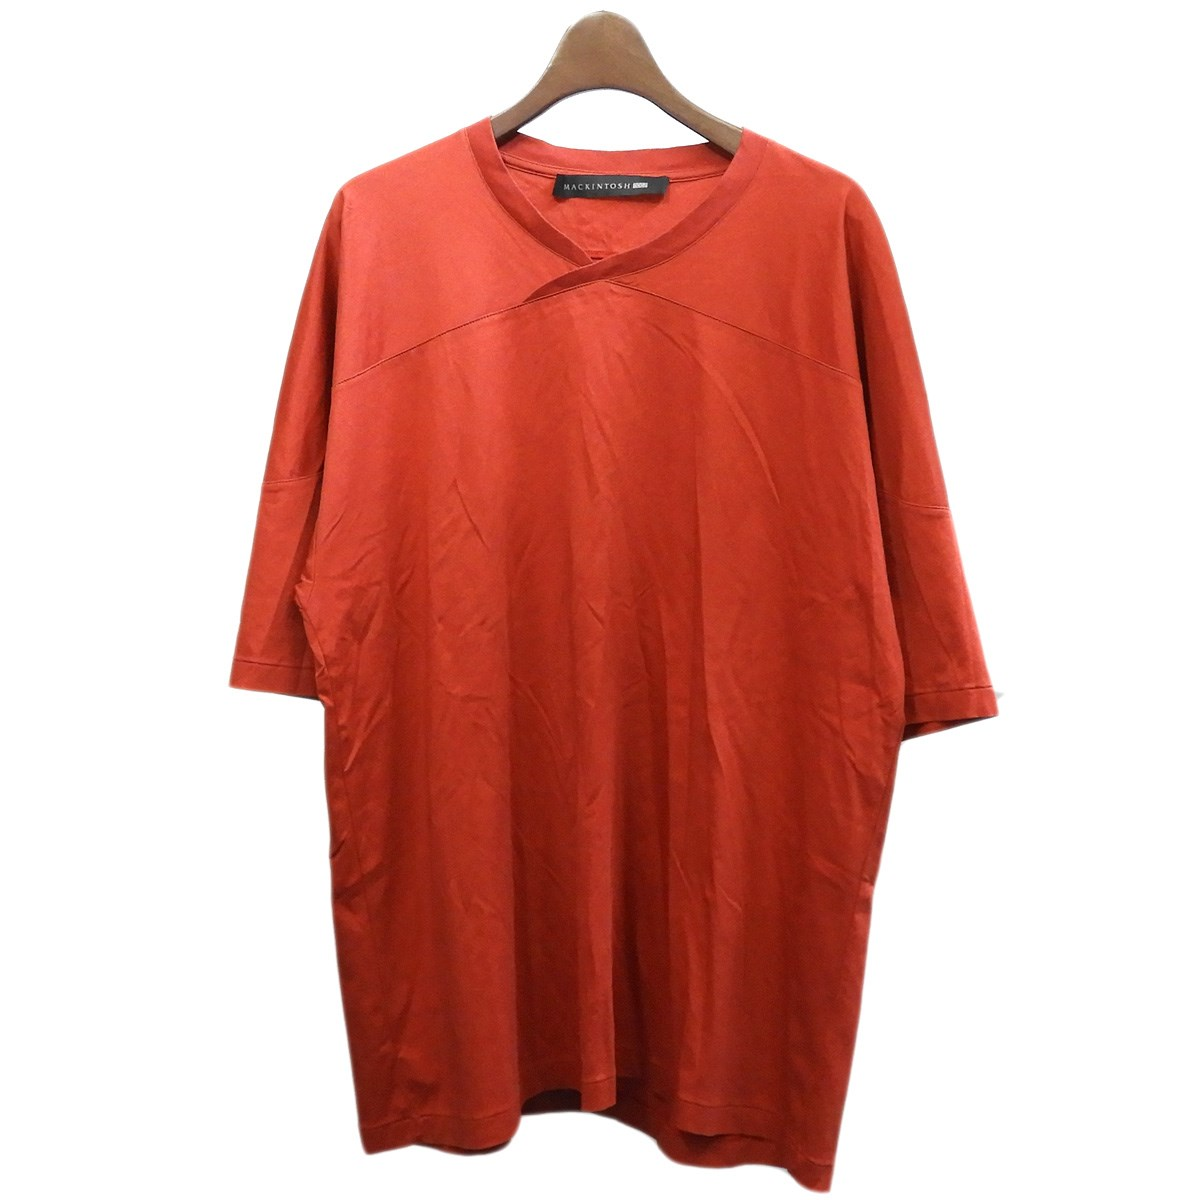 トップス, Tシャツ・カットソー MACKINTOSH 0002Kiko Kostadinov T XL 0310190002